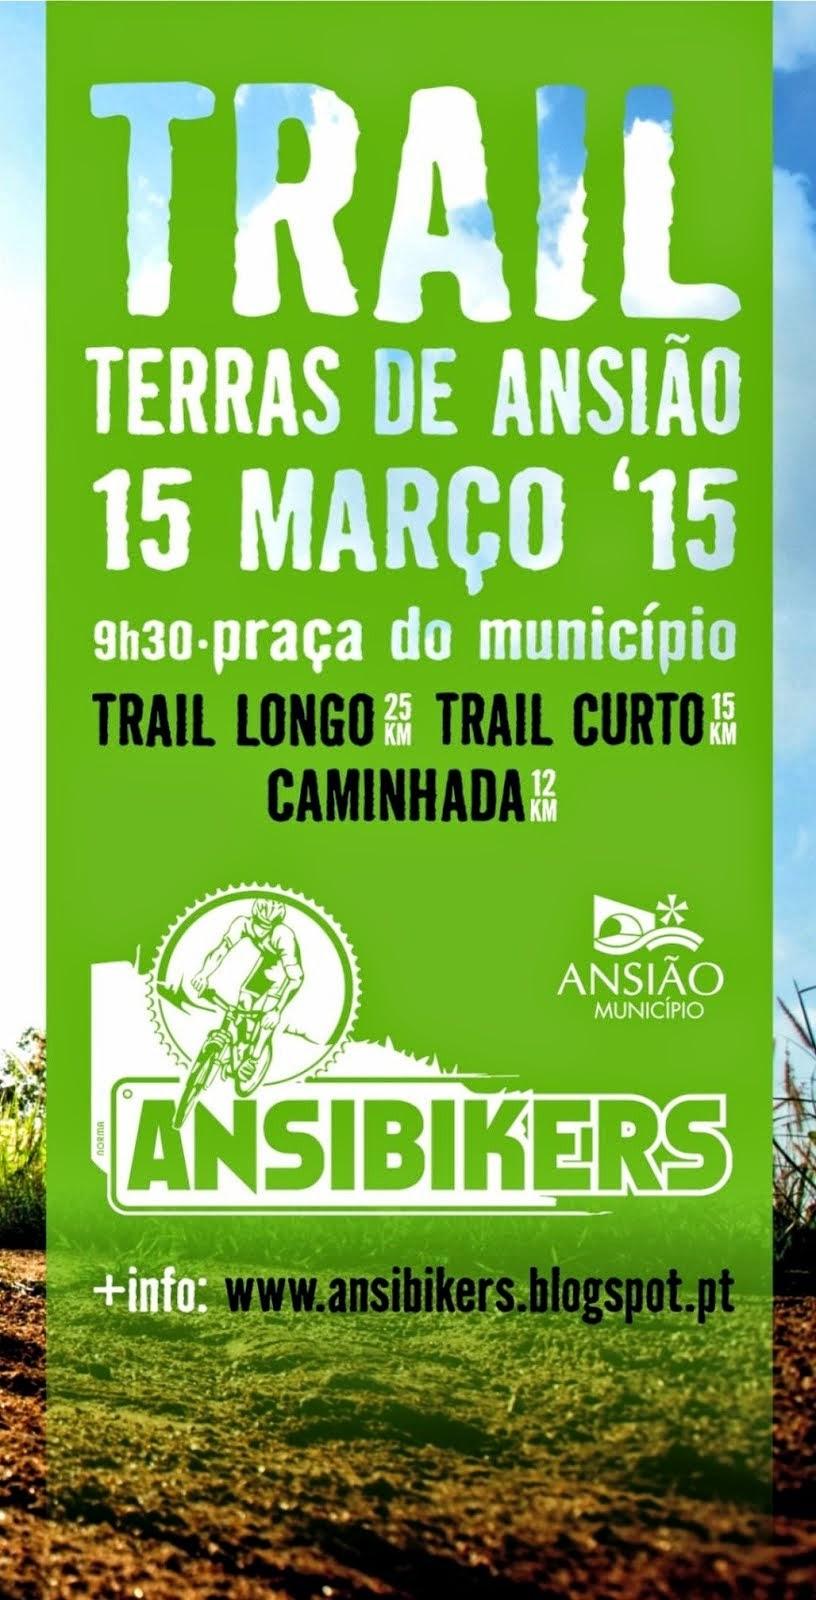 Trail Terras de Ansião